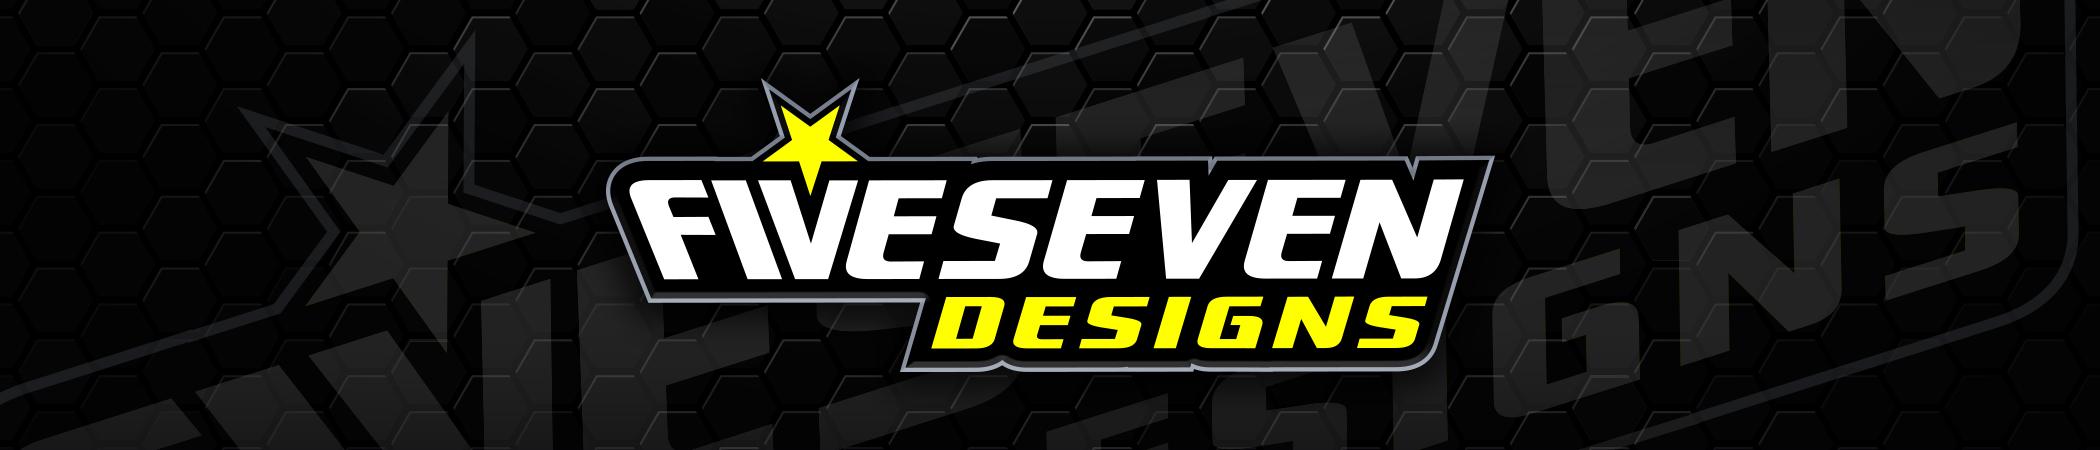 fiveseven-header2.jpg